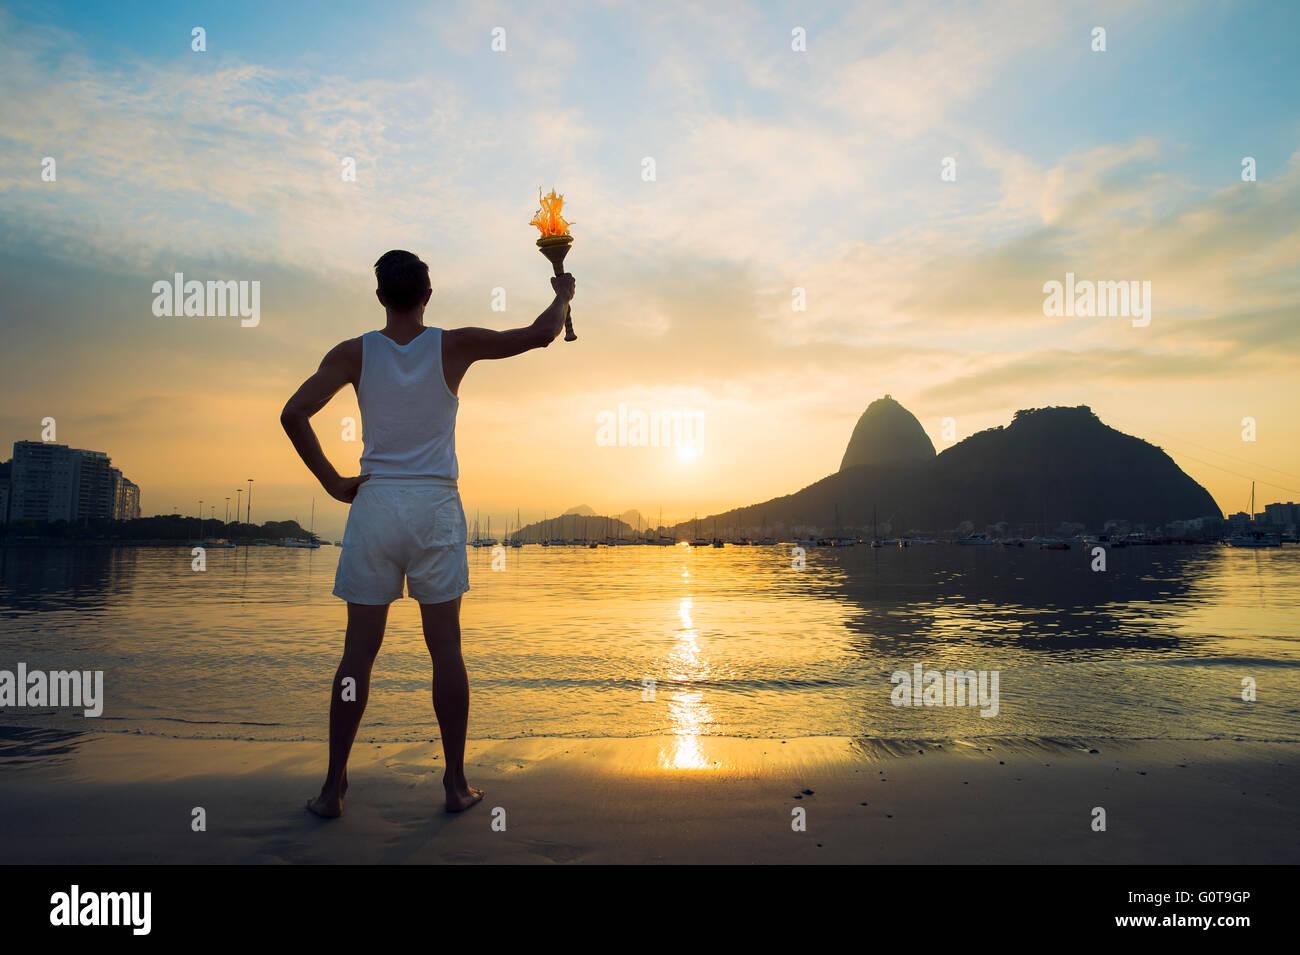 Atleta in piedi con la torcia sport contro un tramonto panoramico vista di Sugarloaf Mountain e il Botafogo Bay Immagini Stock